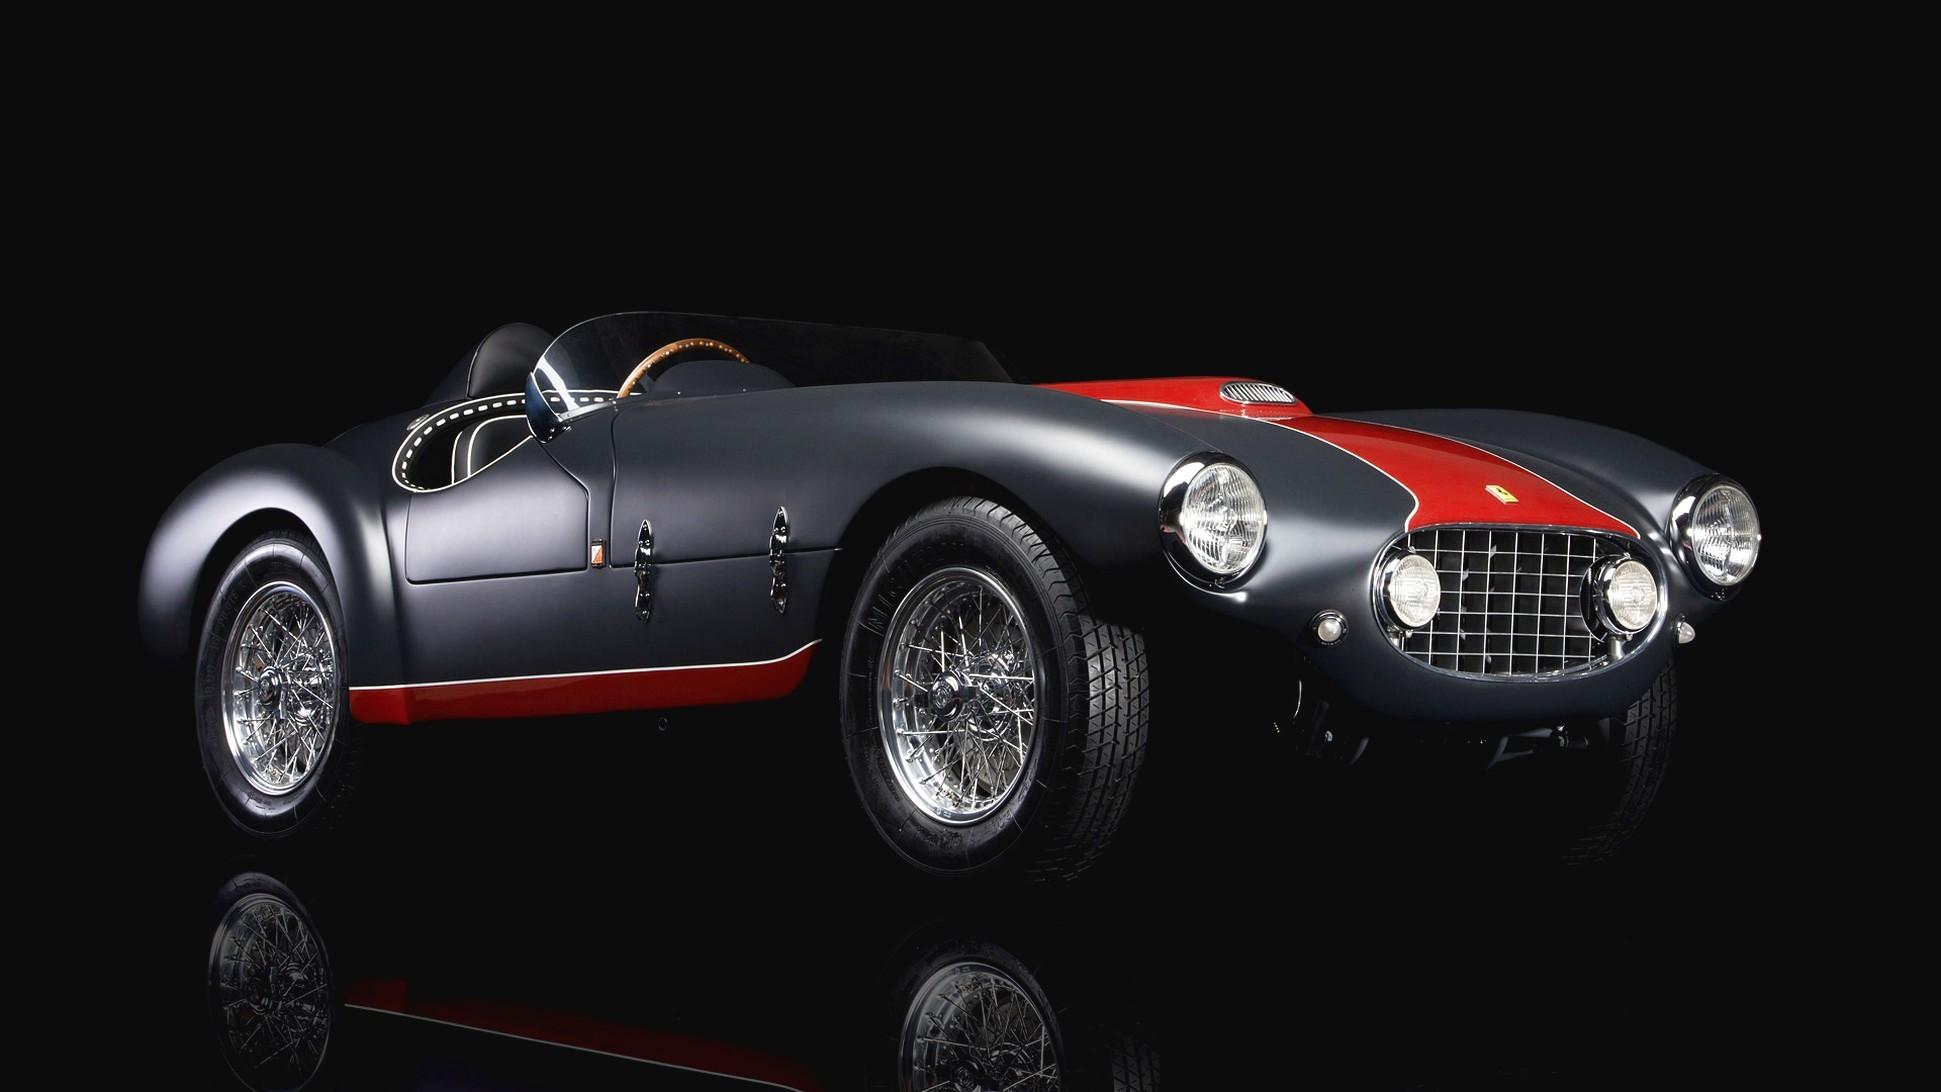 1949 Ferrari 166 Mm V6 Hd Car Wallpaper